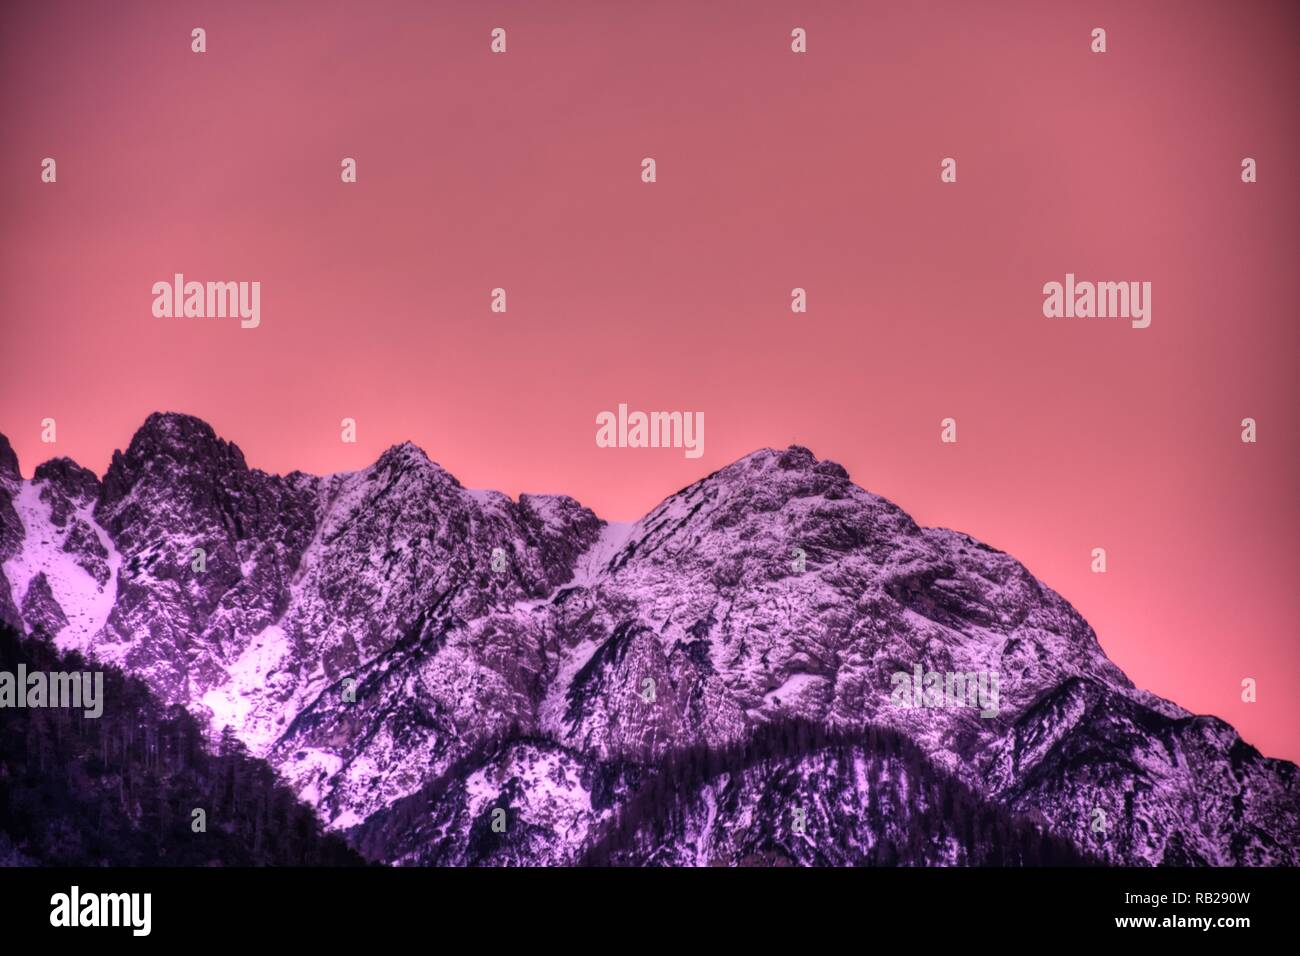 Osttirol, Lienzer Dolomiten, Lienz, Winter, Schnee, Gipfel, Dämmerung, Abend, Abendrot, Abenddämmerung, Morgen, Morgenrot, Morgendämmerung, Spitzkofel - Stock Image